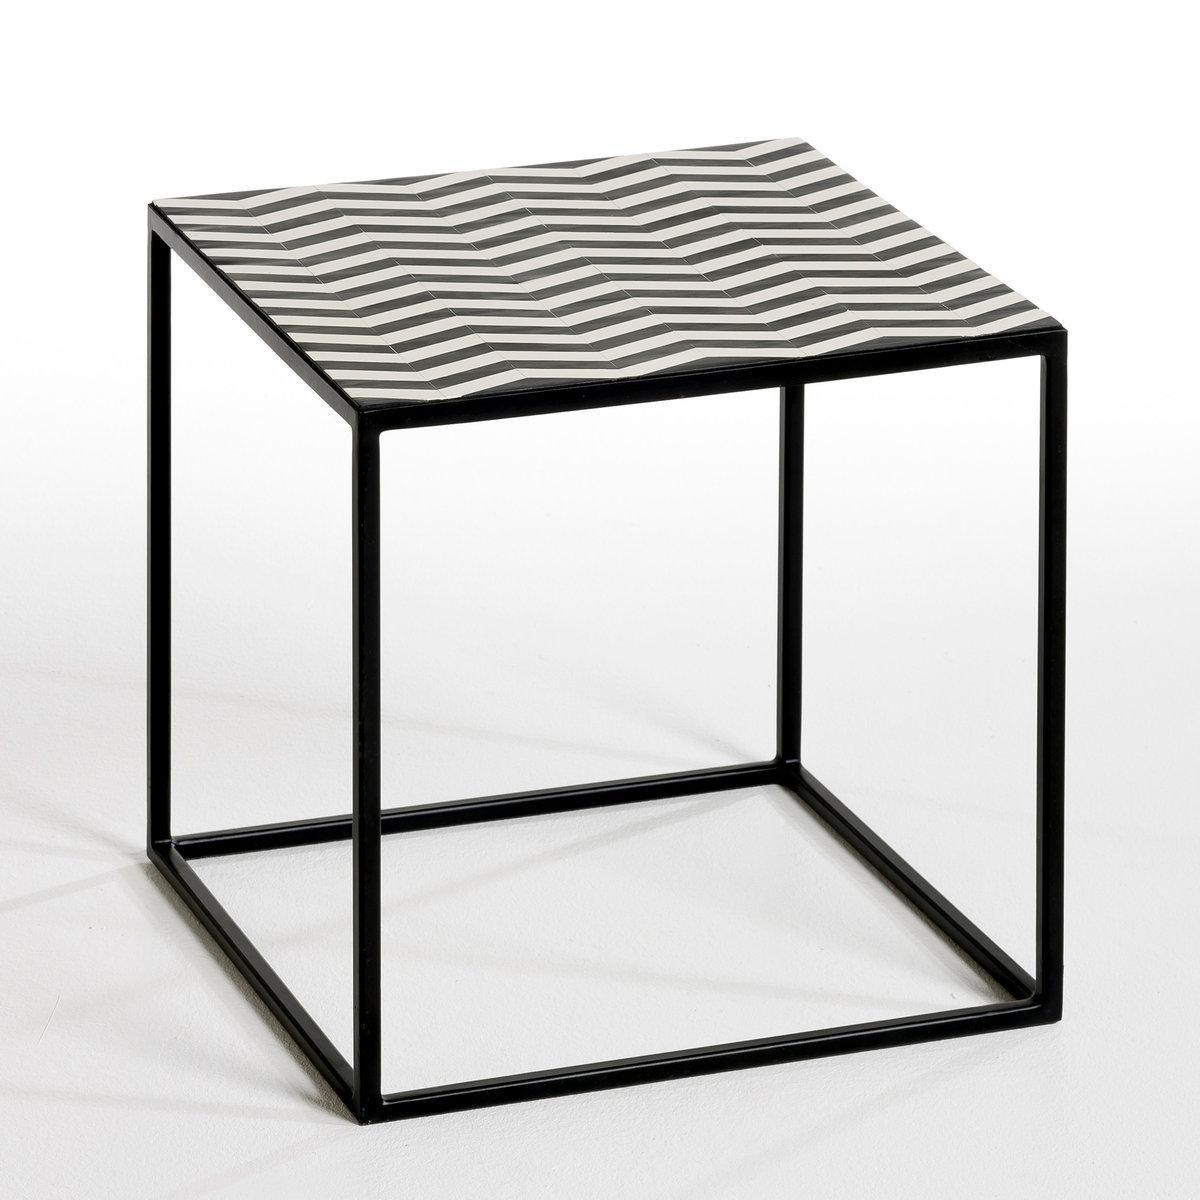 Столик G?om?trieСтолик G?om?trie . Журнальный столик или маленький низкий стол с симпатичным графическим дизайном, идеален, чтобы привнести оригинальность в интерьер! Описание : - Каркас из металла черного цвета . - Пластиковая столешница . Размеры : - 40 x 40 x 40 см .<br><br>Цвет: черный/ белый